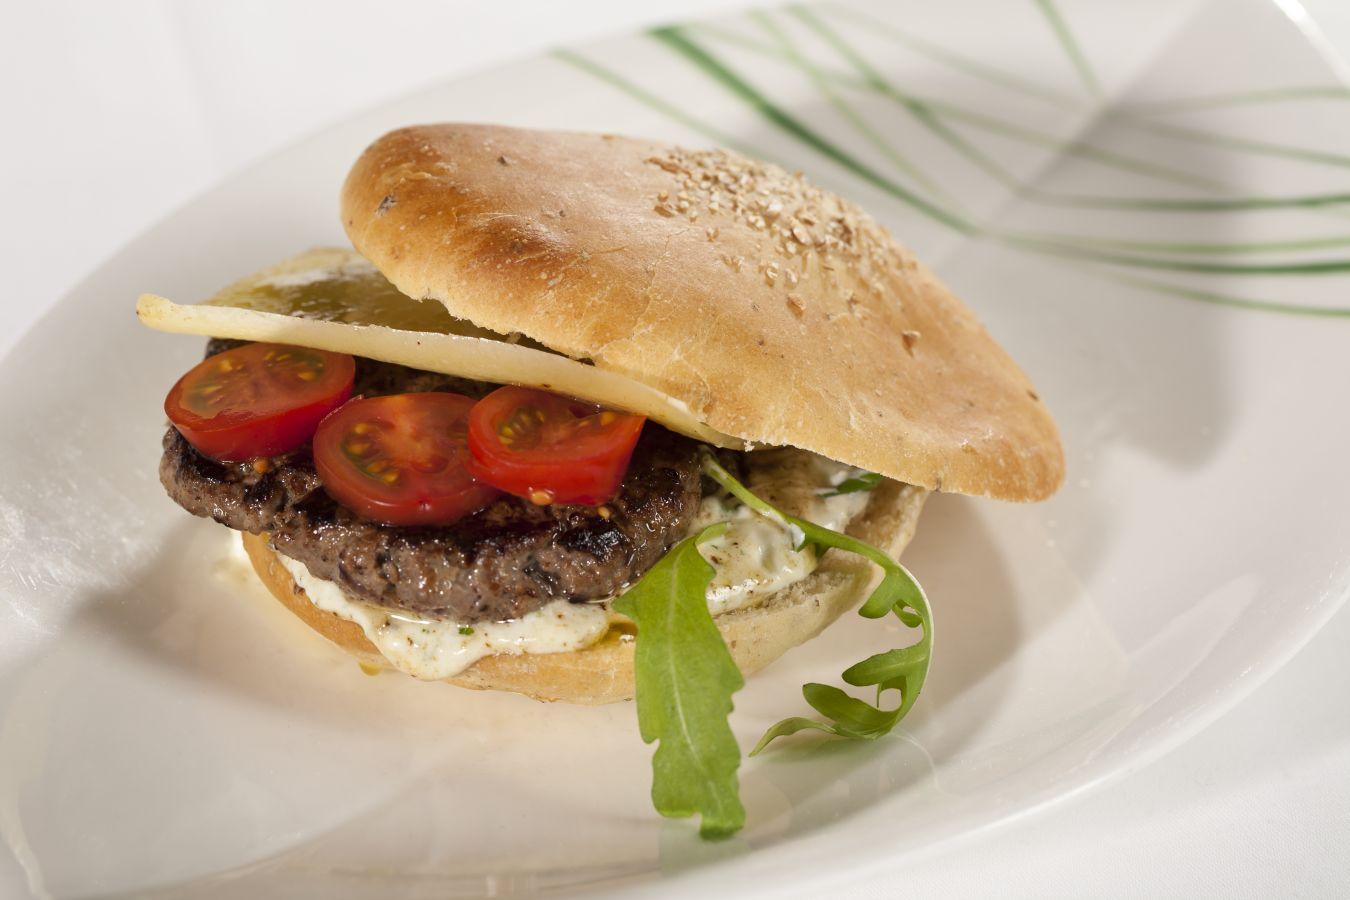 ALMO Burger